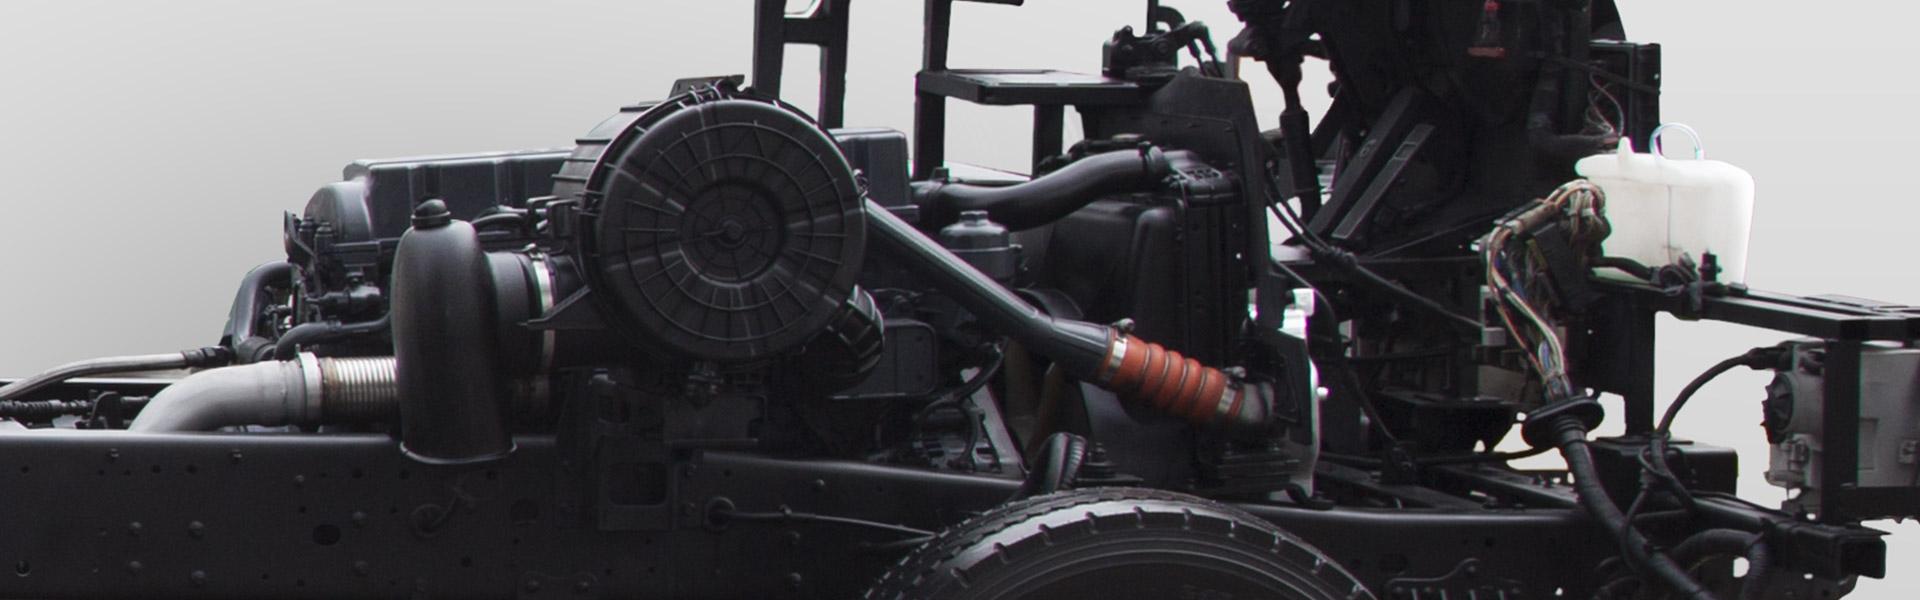 motor chasis 4